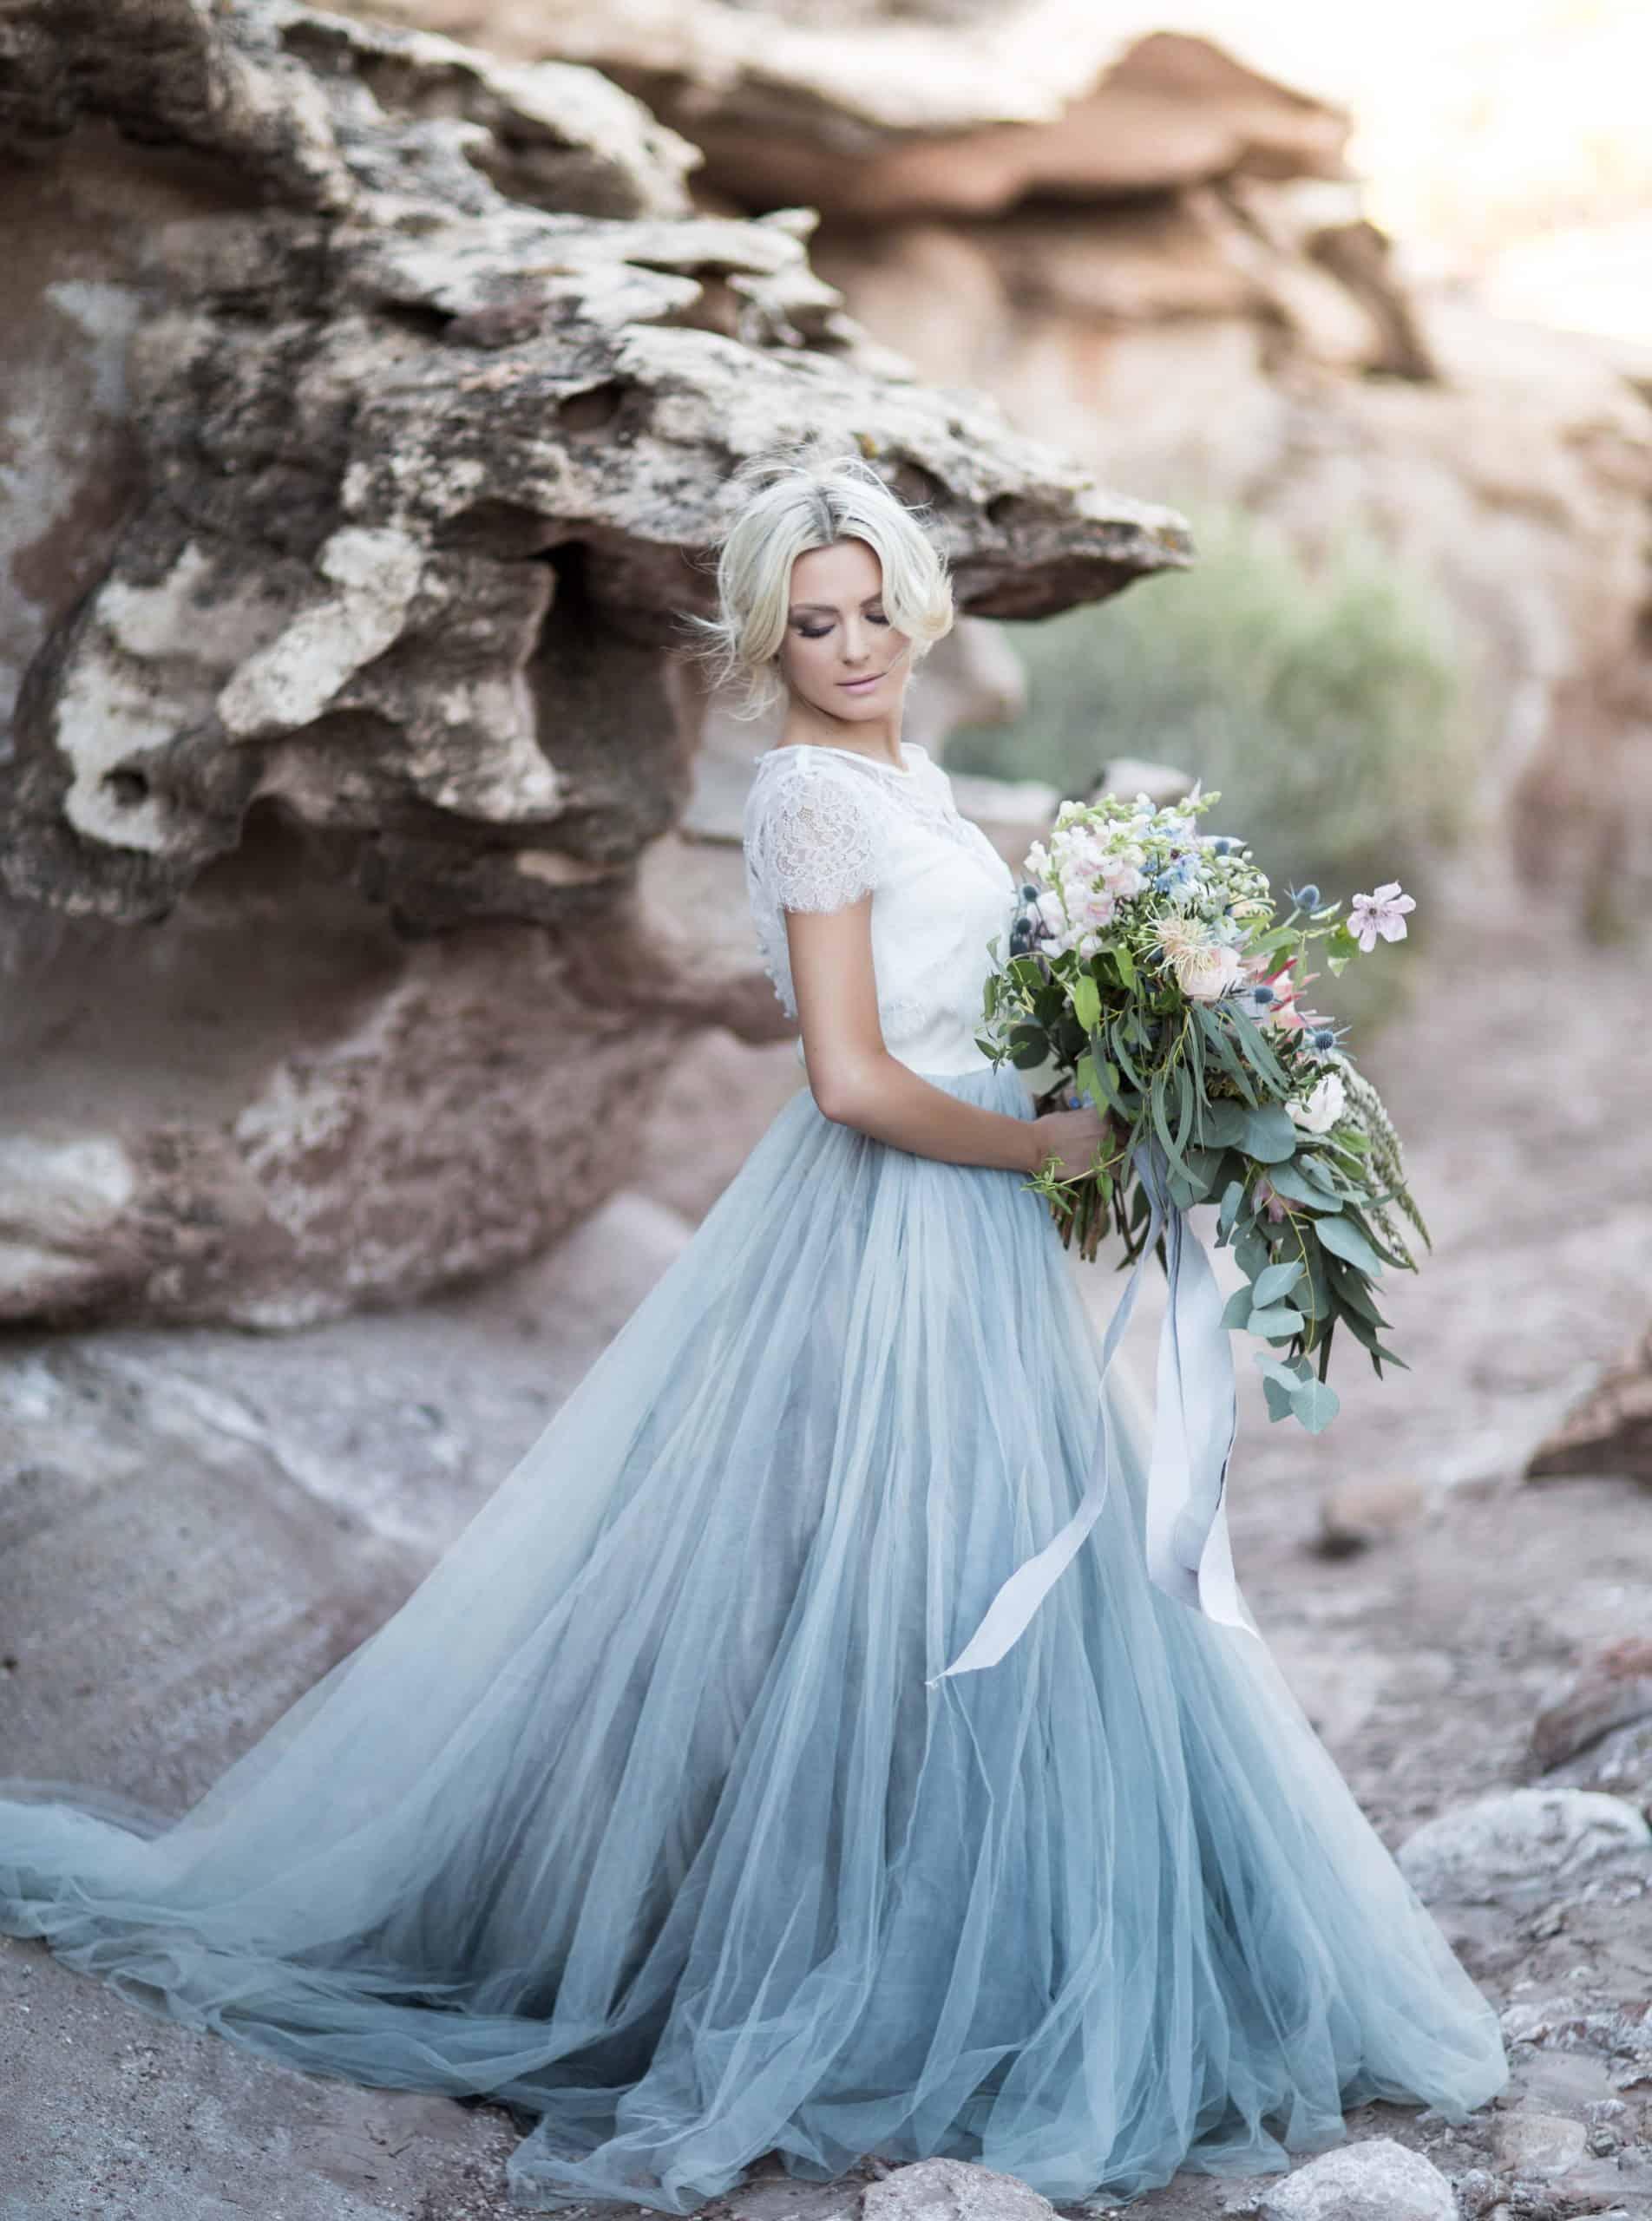 νύφη με νυφικό με αποχρώσεις του γαλάζιου